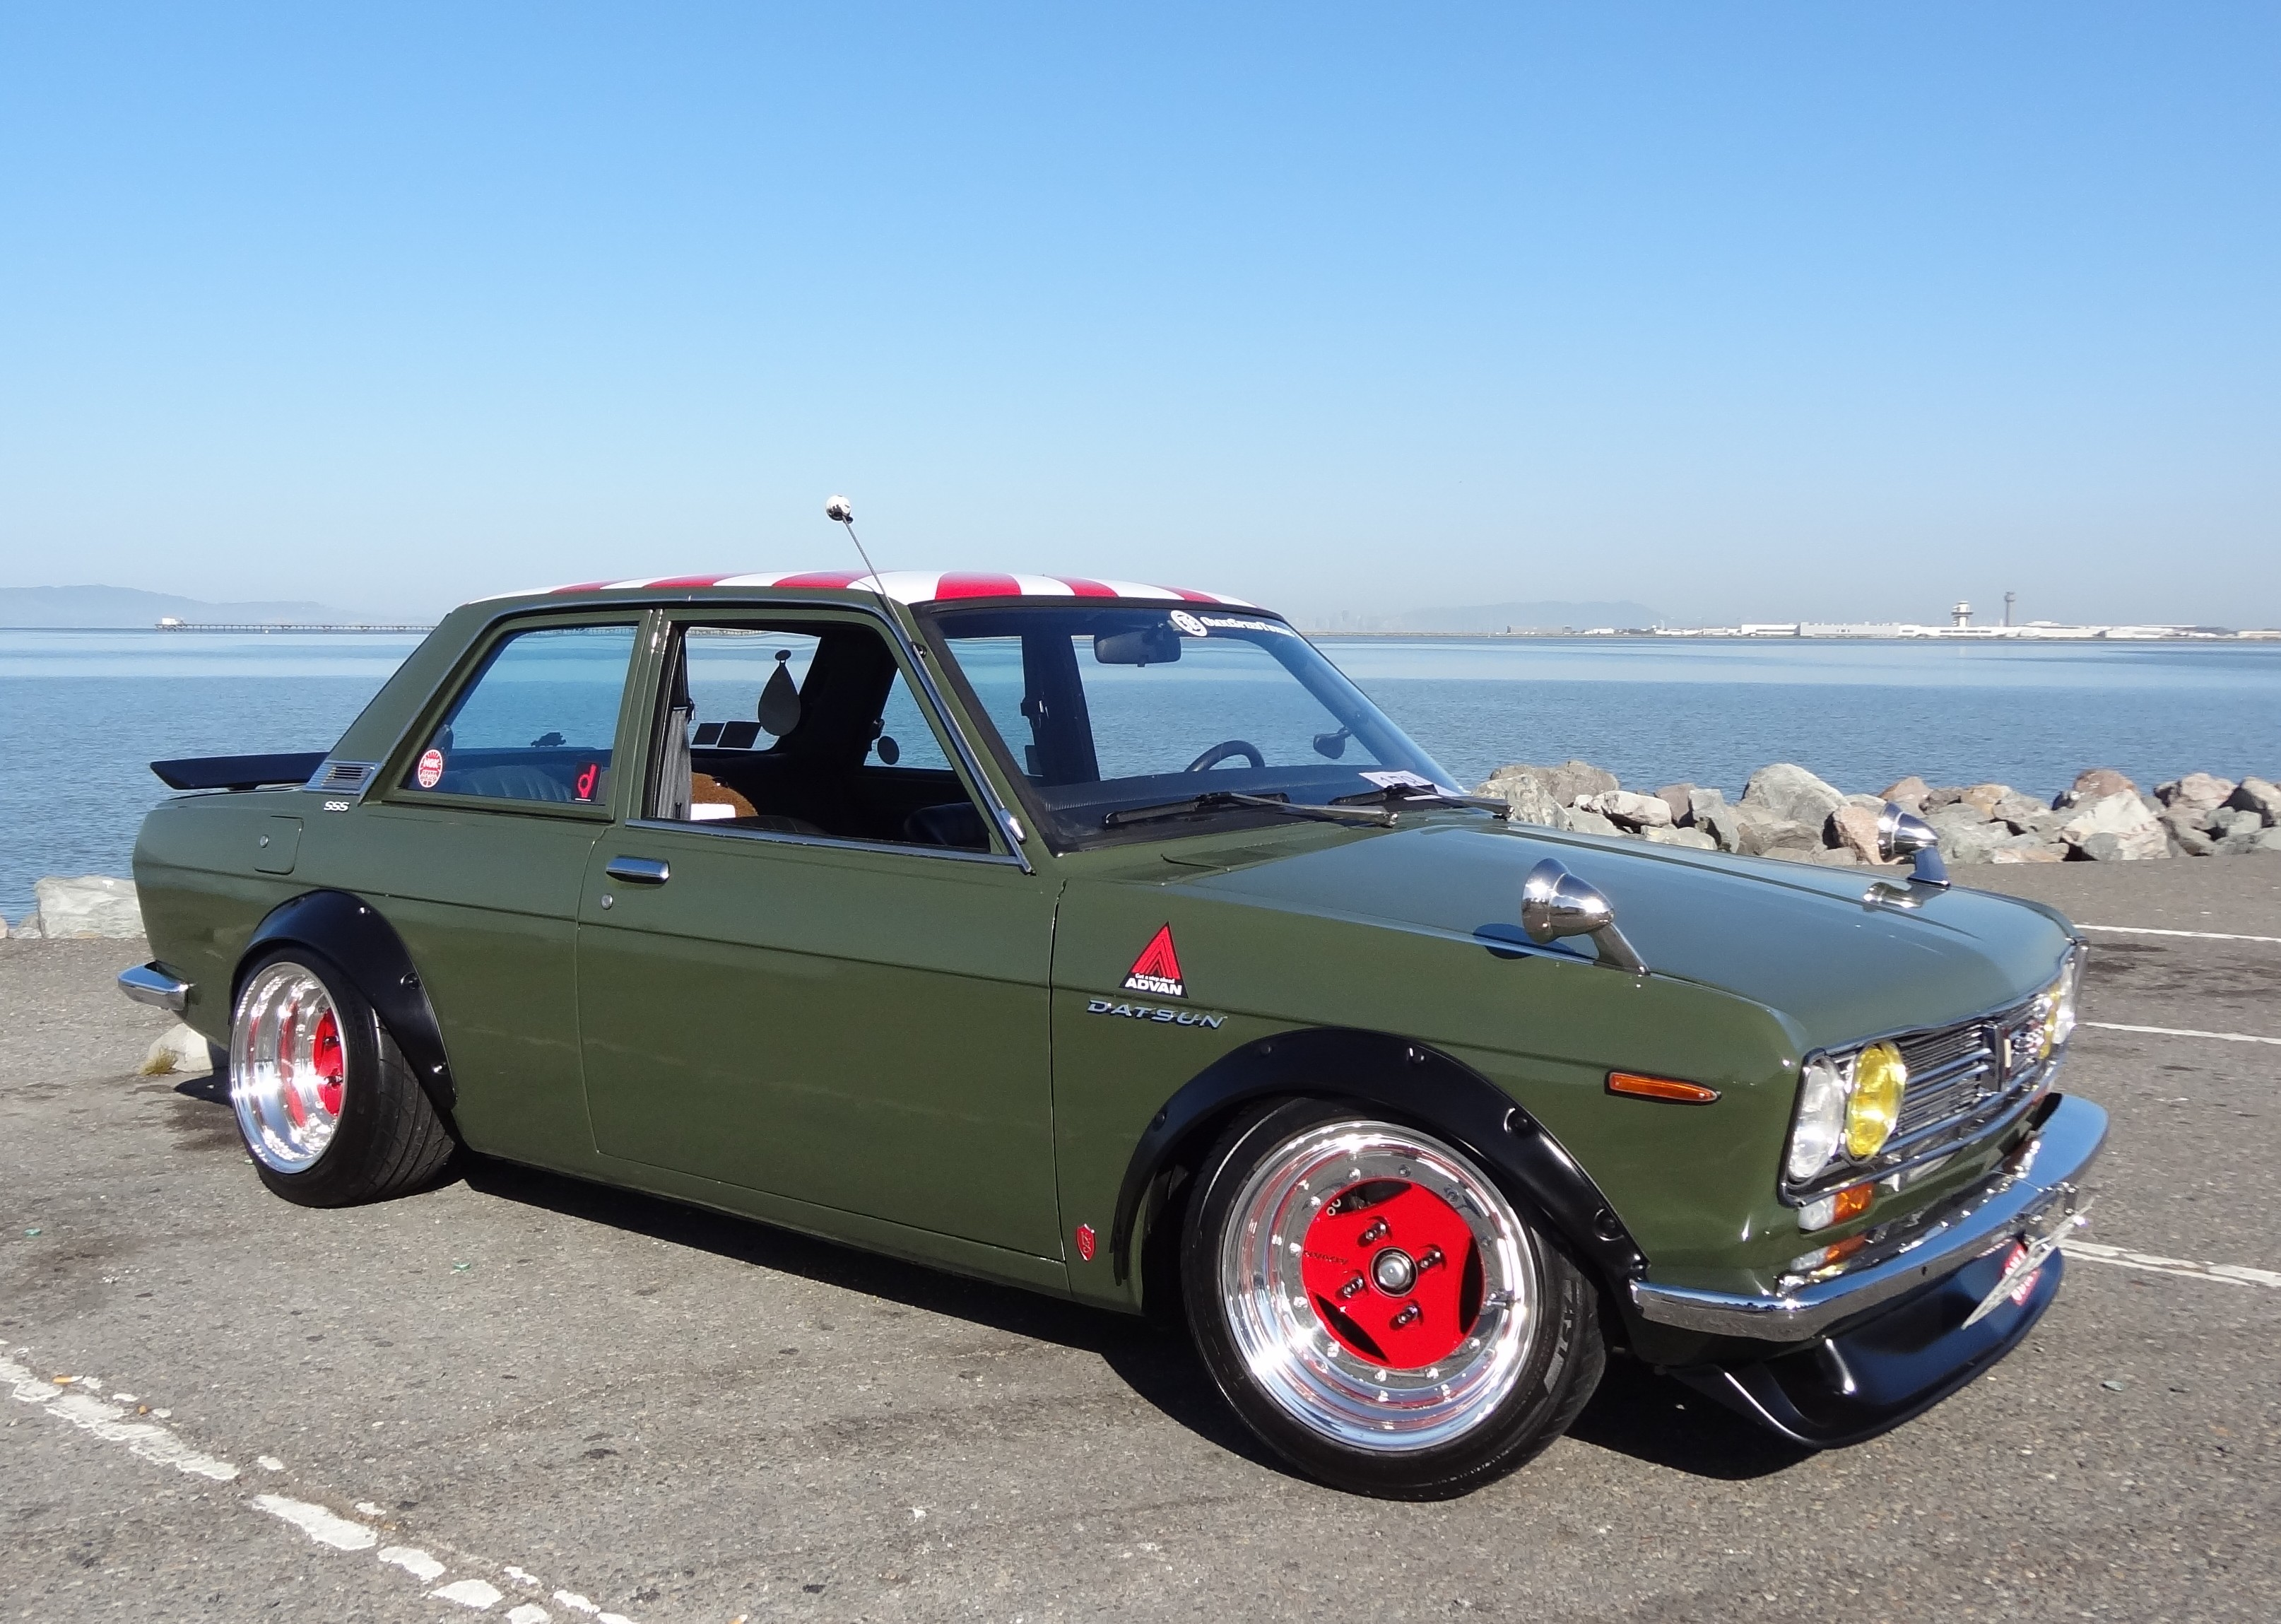 Nissan datsun 510 truck - It